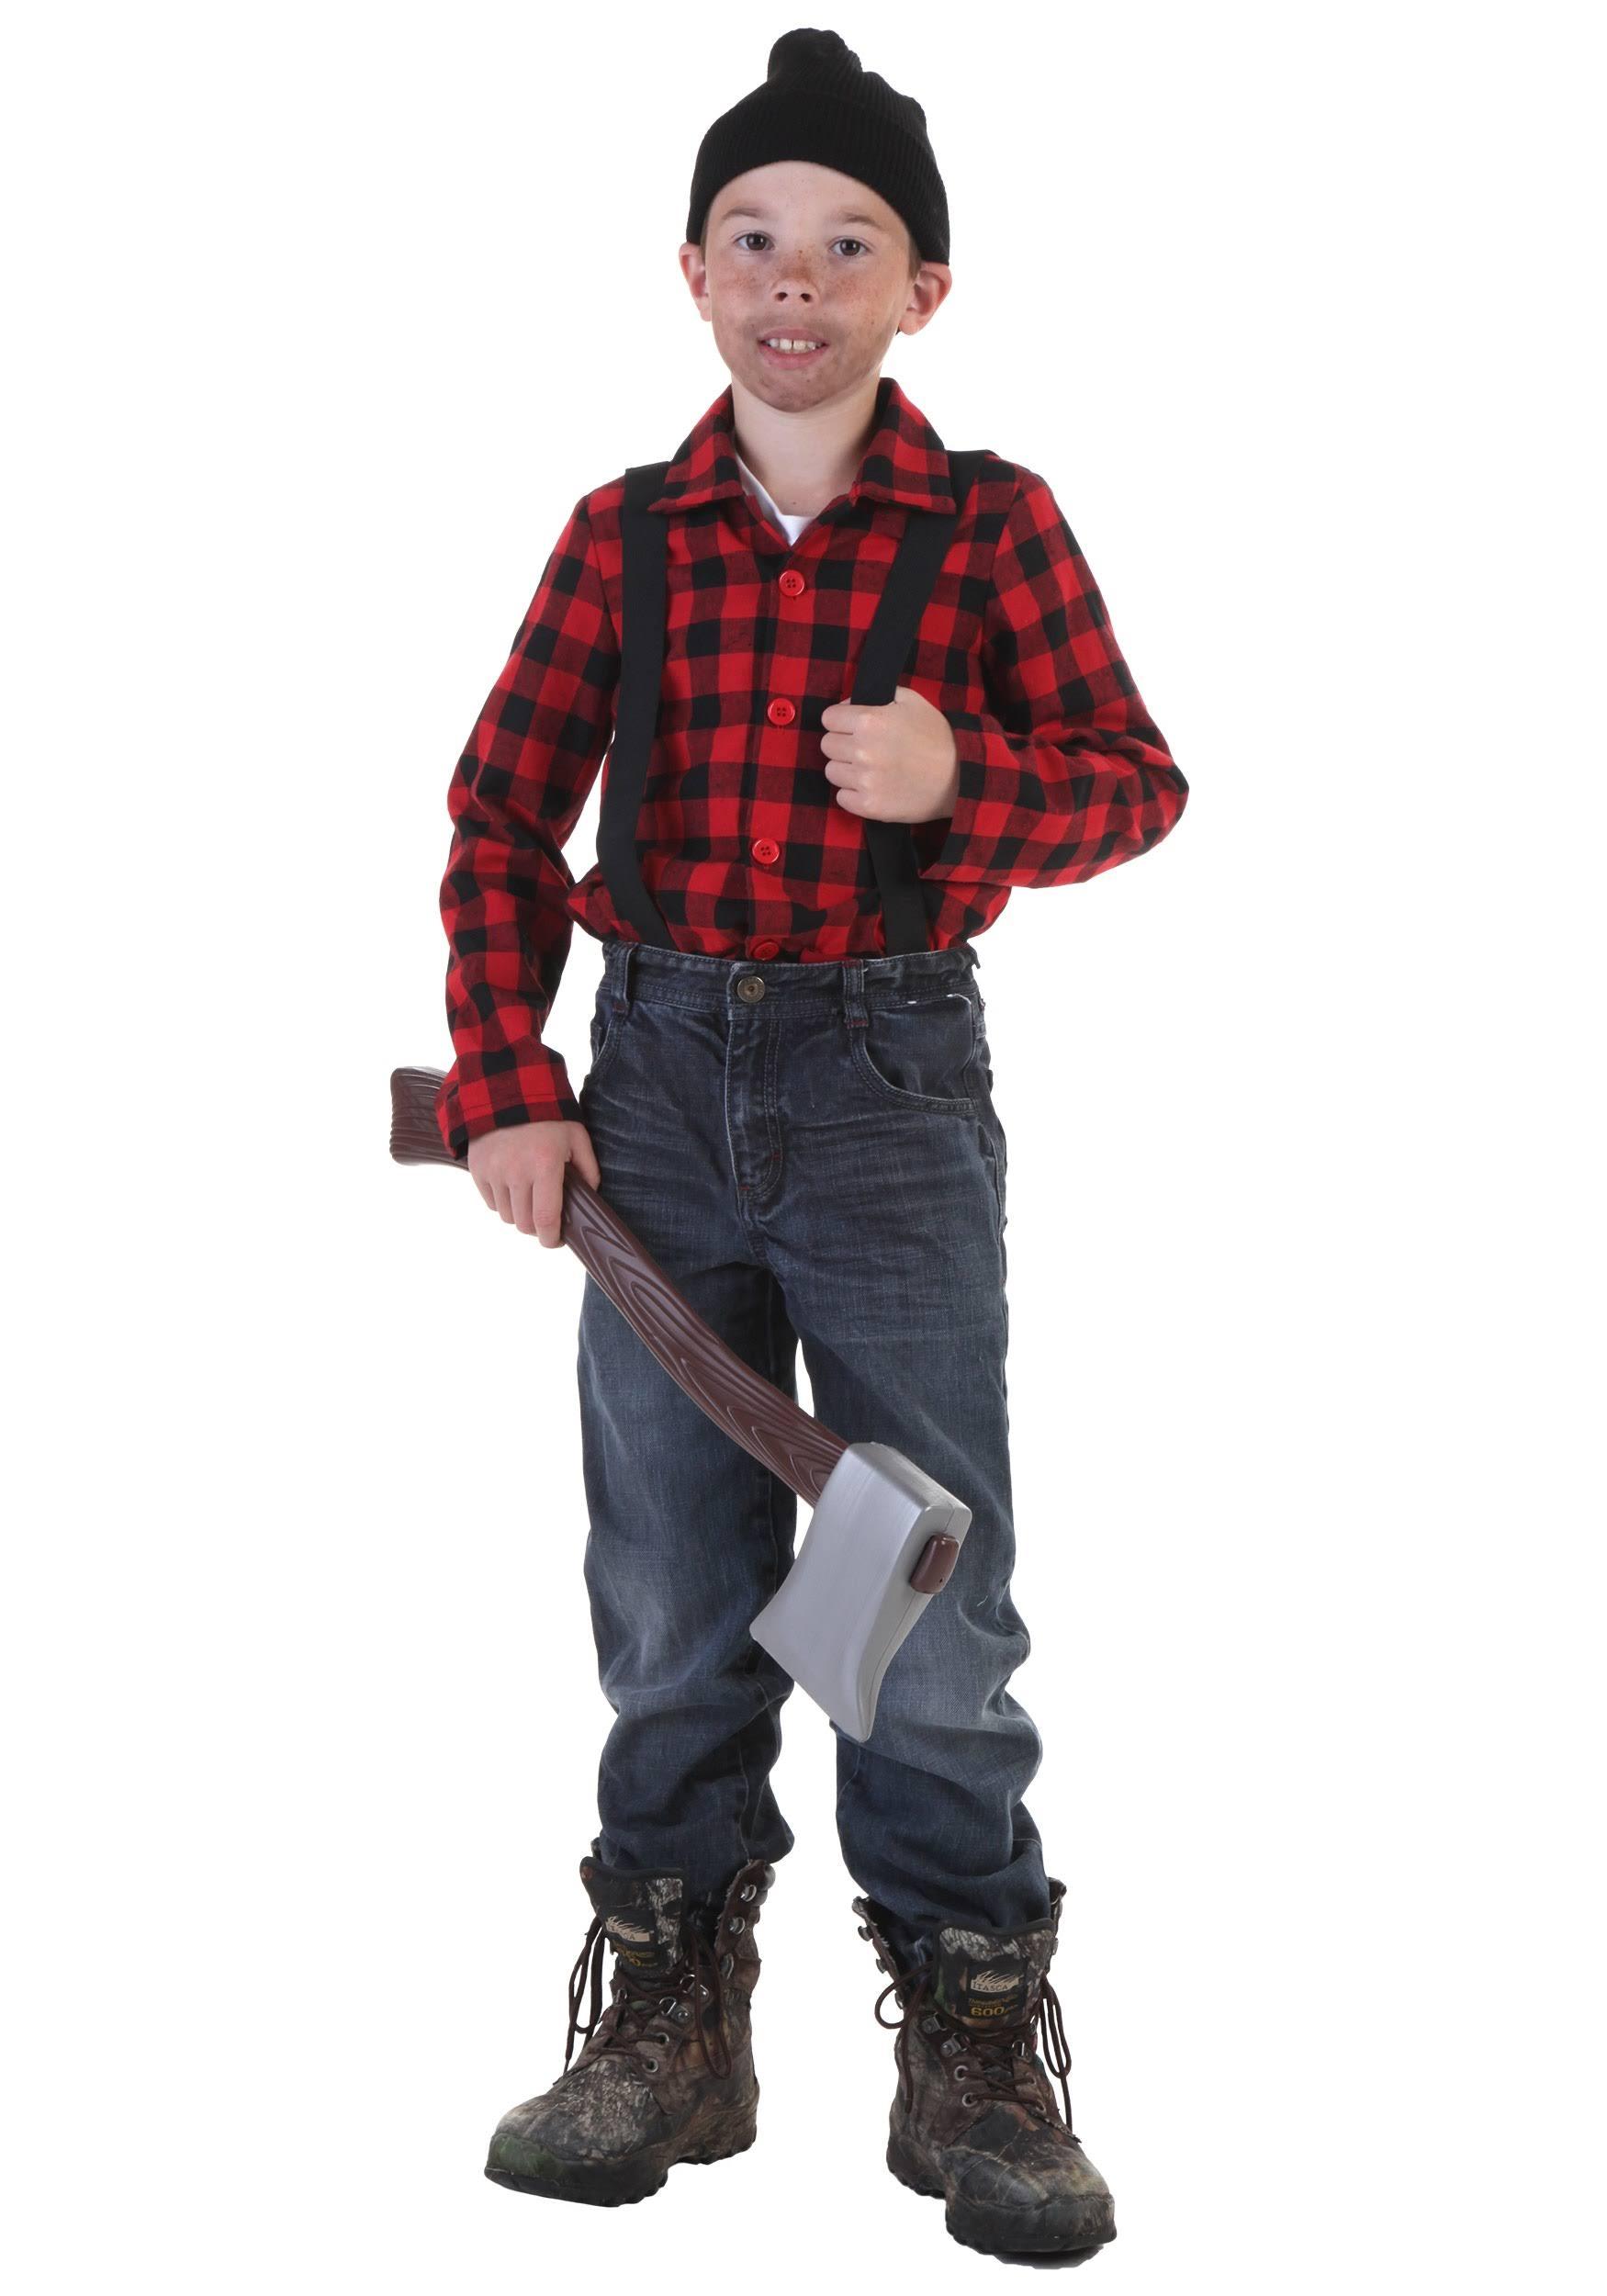 bambini da per bambini per da boscaiolo boscaiolo Costume Costume per da boscaiolo Costume 2I9YWHED